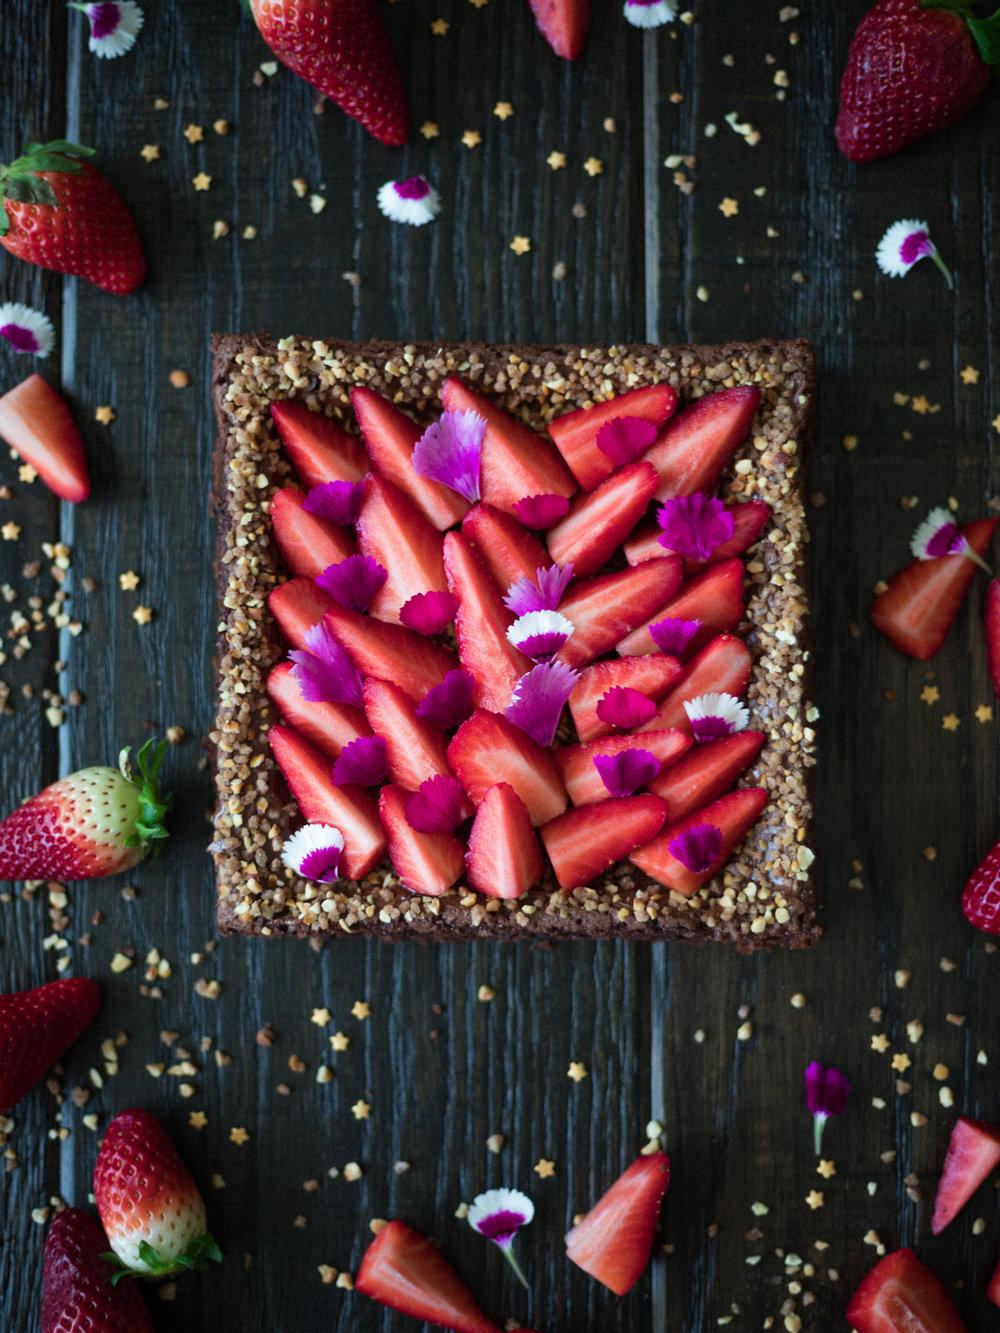 Brownie au chocolat décoré avec du praliné croustillant, des fraises et des fleurs comestibles